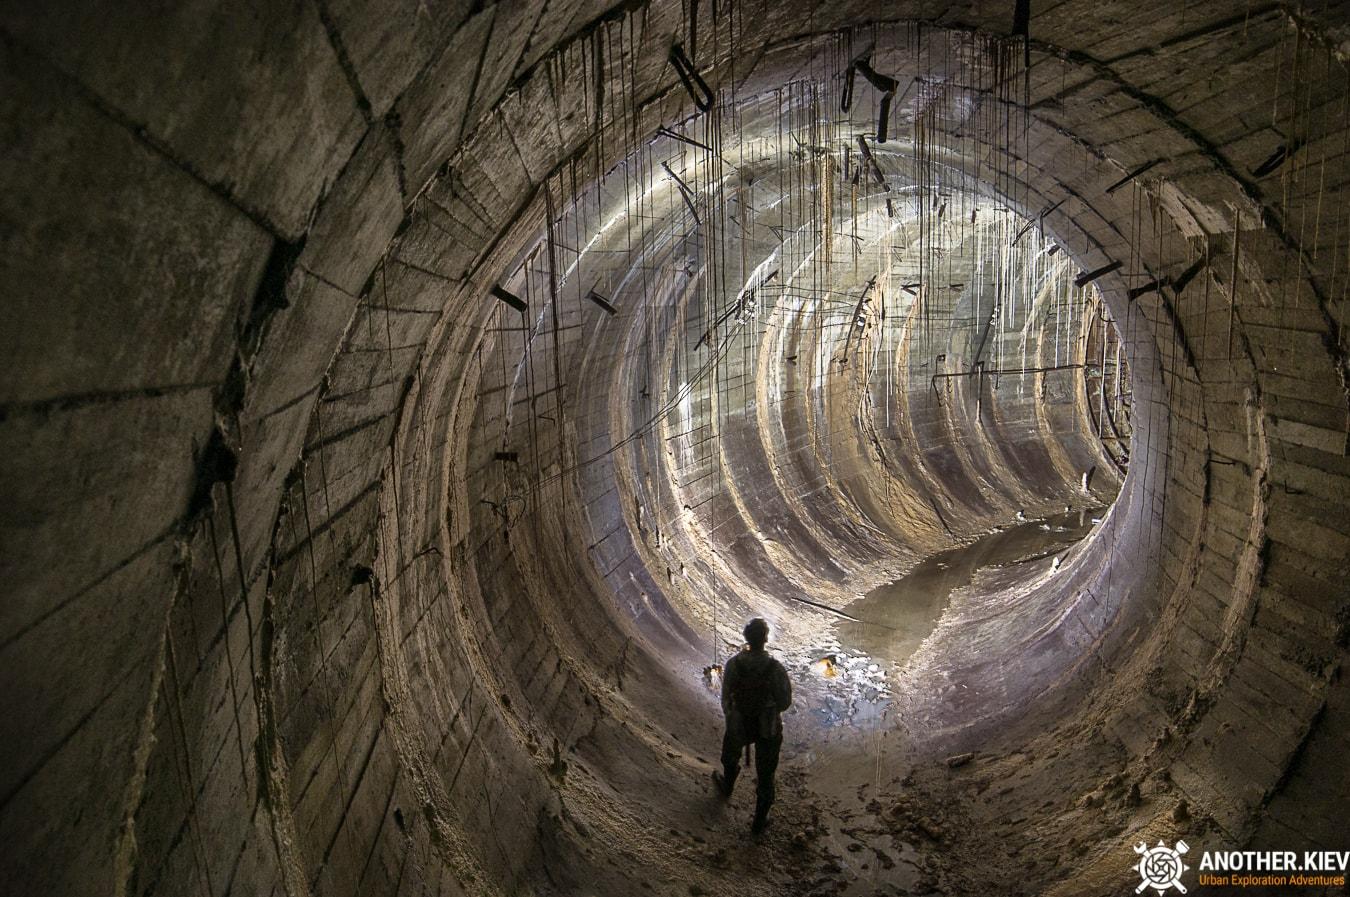 unfinished-abandoned-diesel-power-station-bunker-6854-min Недостроенная и заброшенная дизельная электростанция в киевском метро